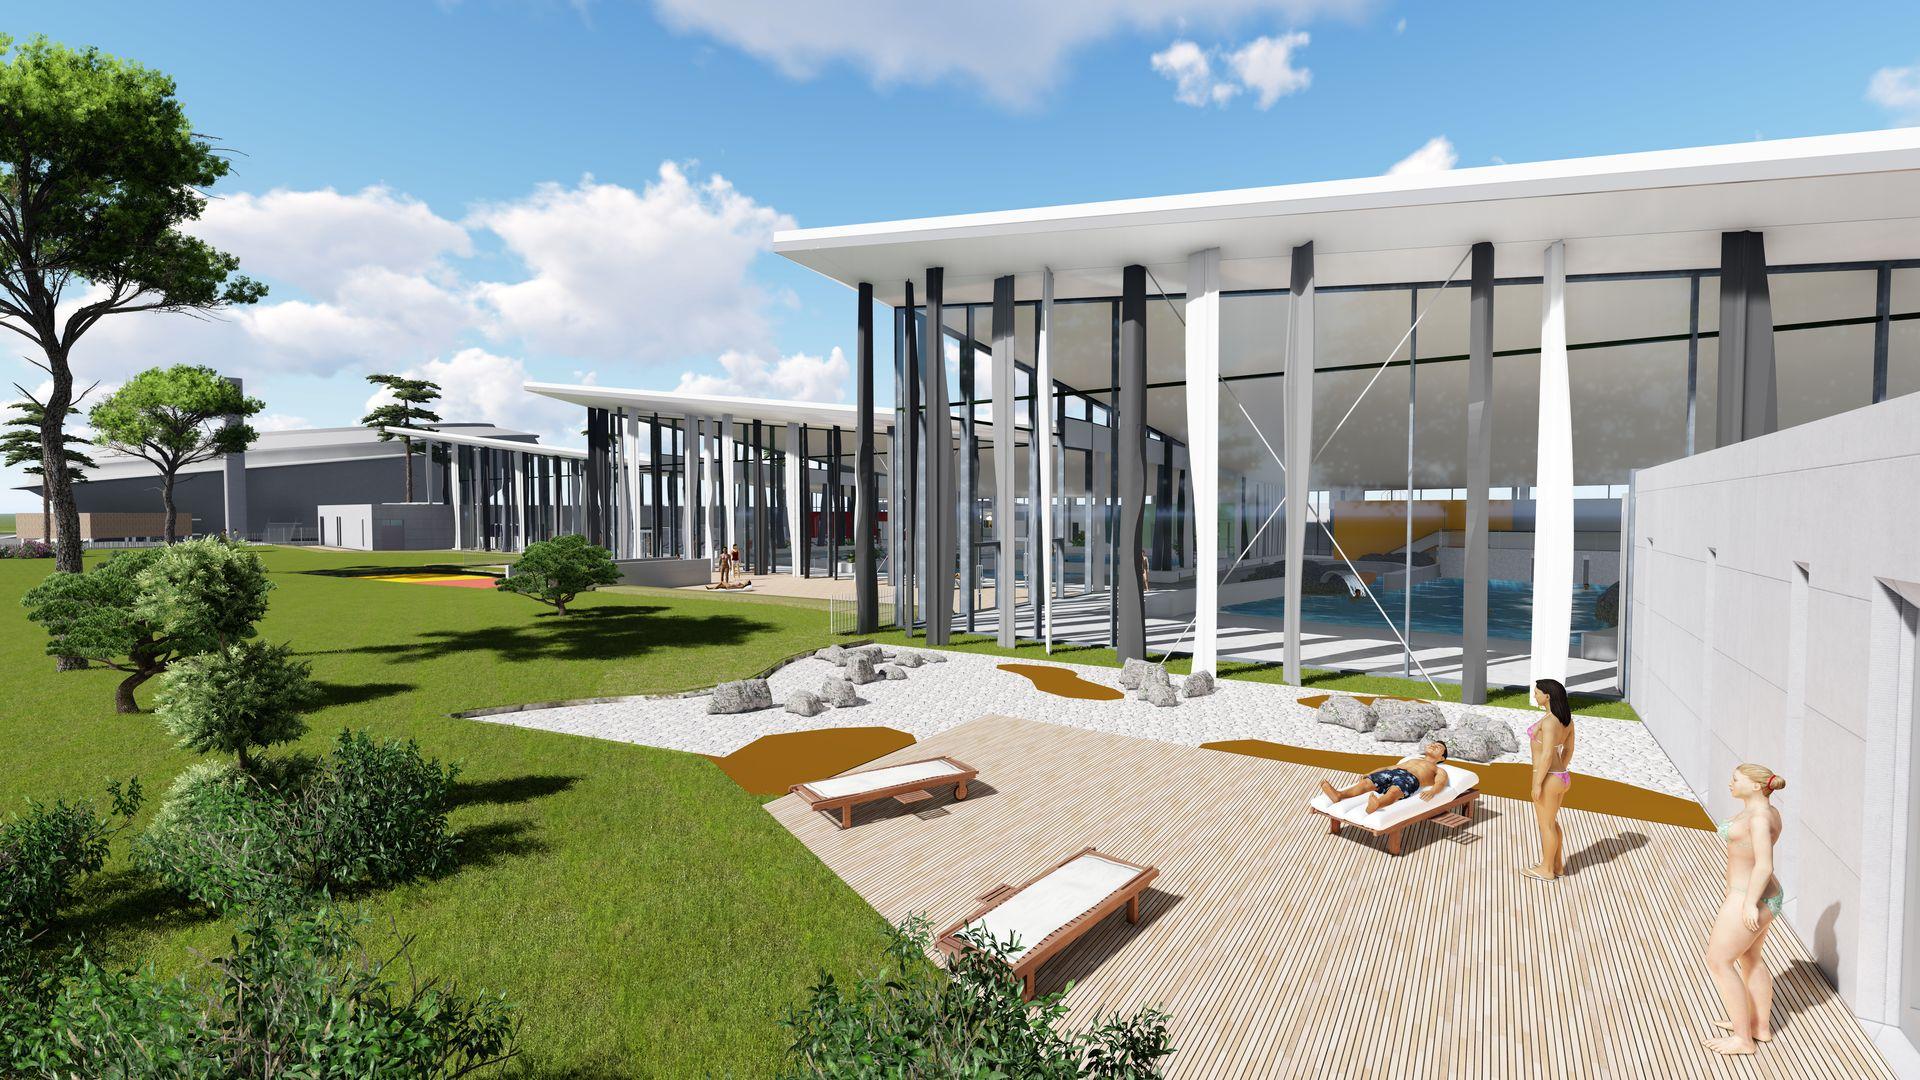 Aquaparc - Le centre aquatique de Saint-Nazaire (crédit / Agence Coste Architectes))